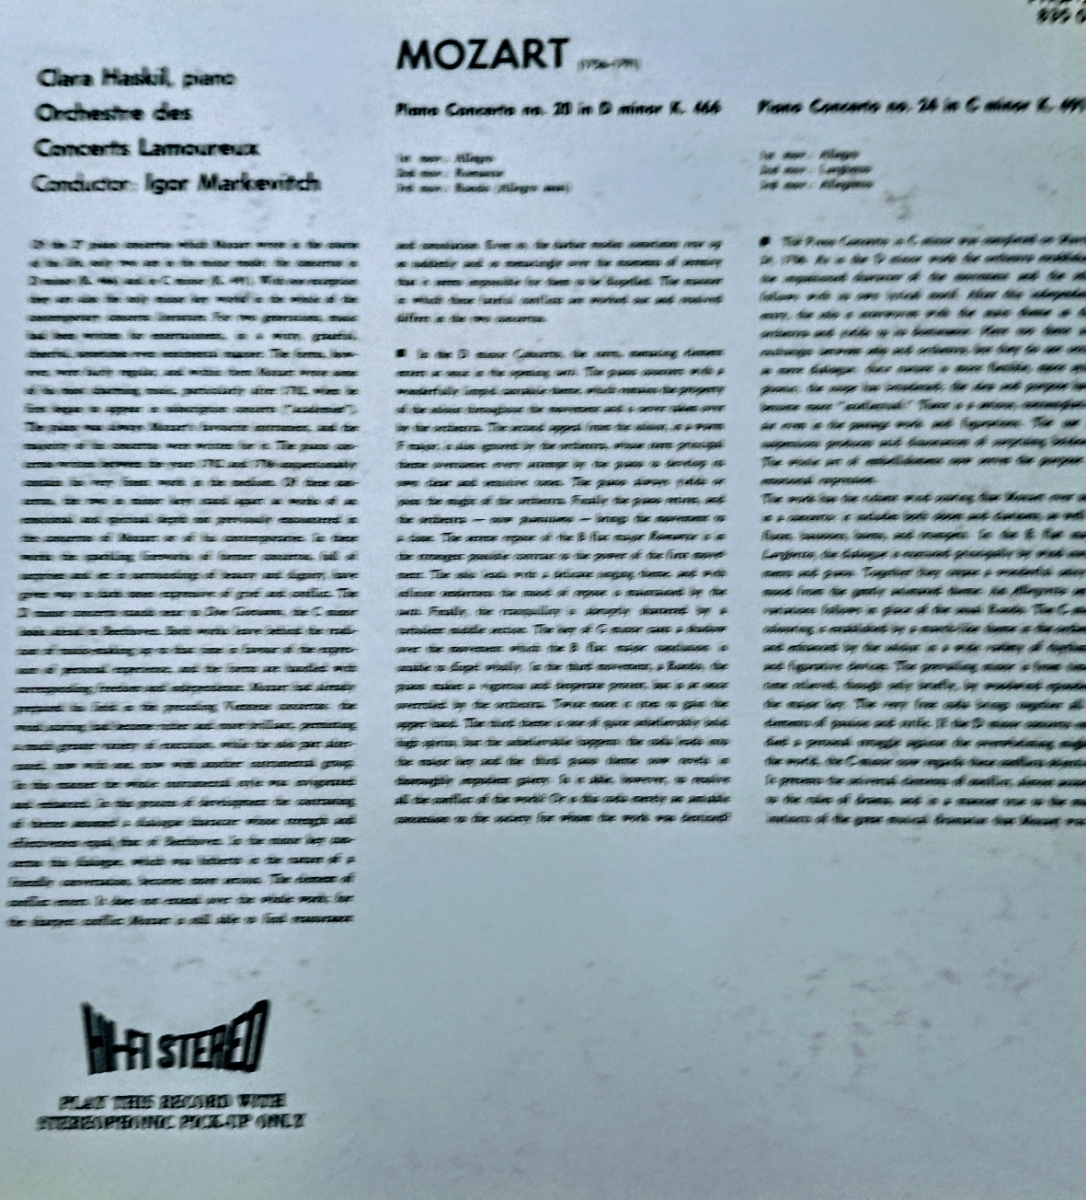 紙ジャケ24ビット盤CD/ハスキル:モーツァルトPf協奏曲第20&24番(国内盤、中古品、帯なし)_画像2